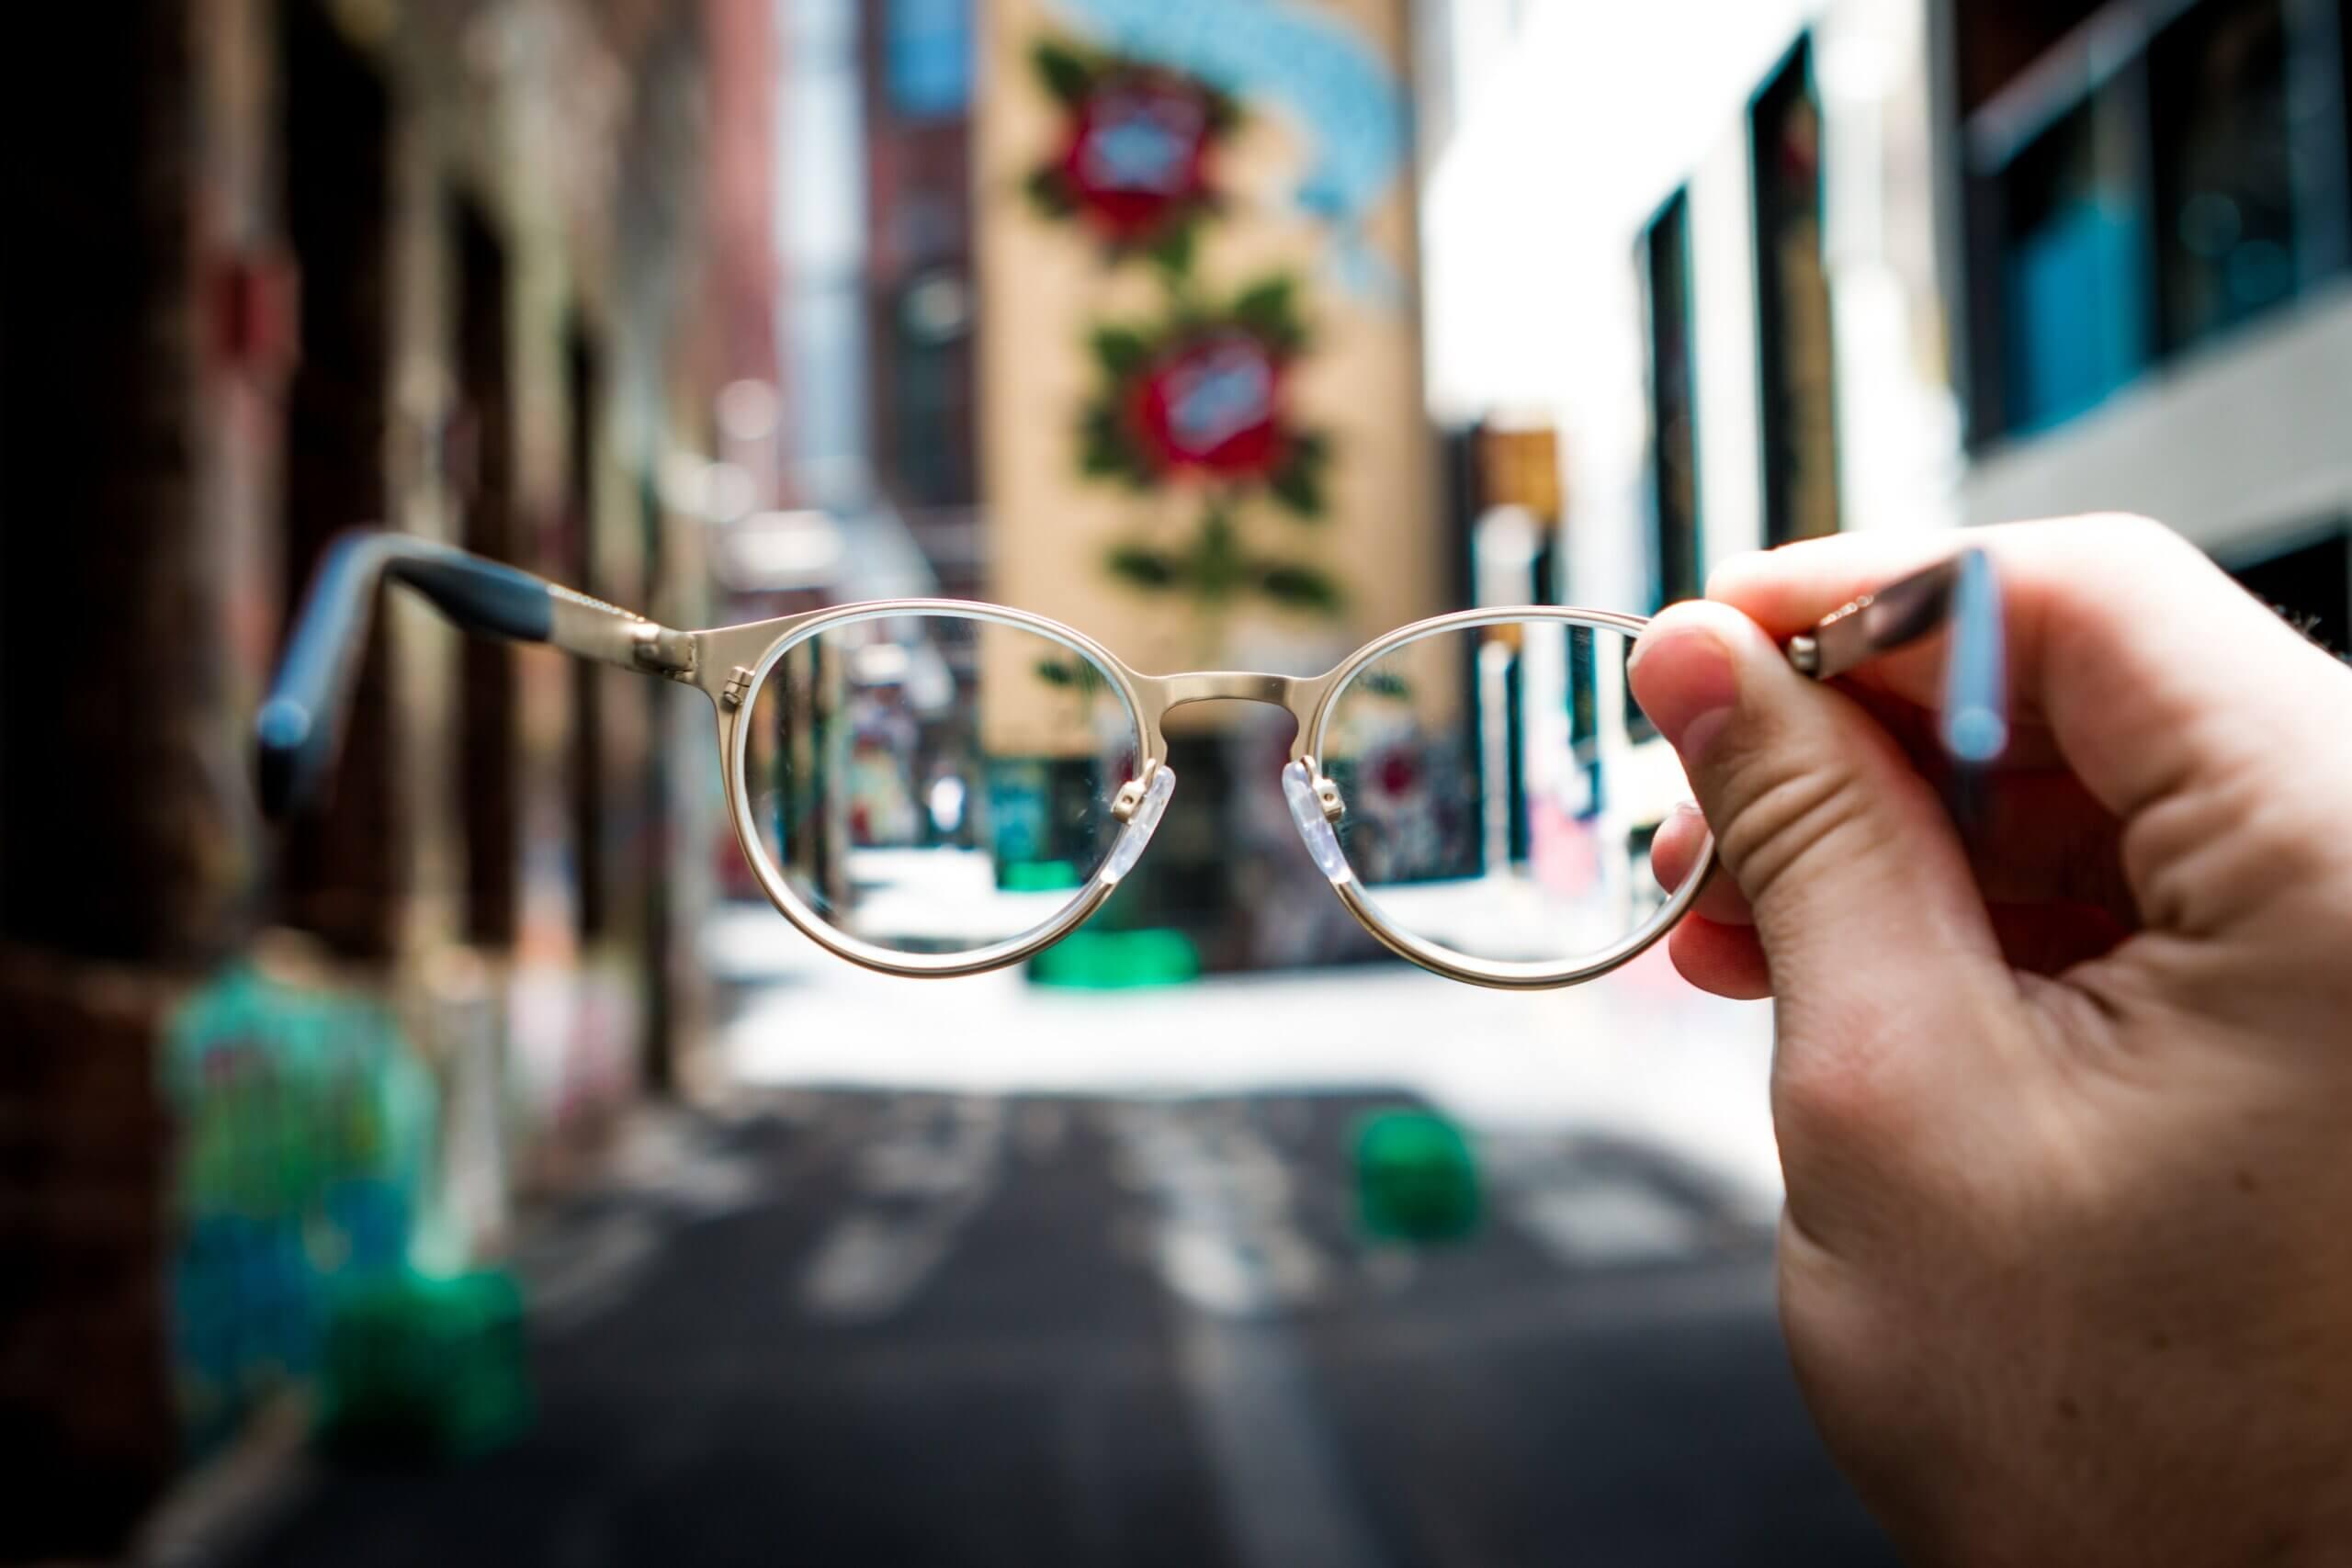 Mirar desde la perspectiva del otro.